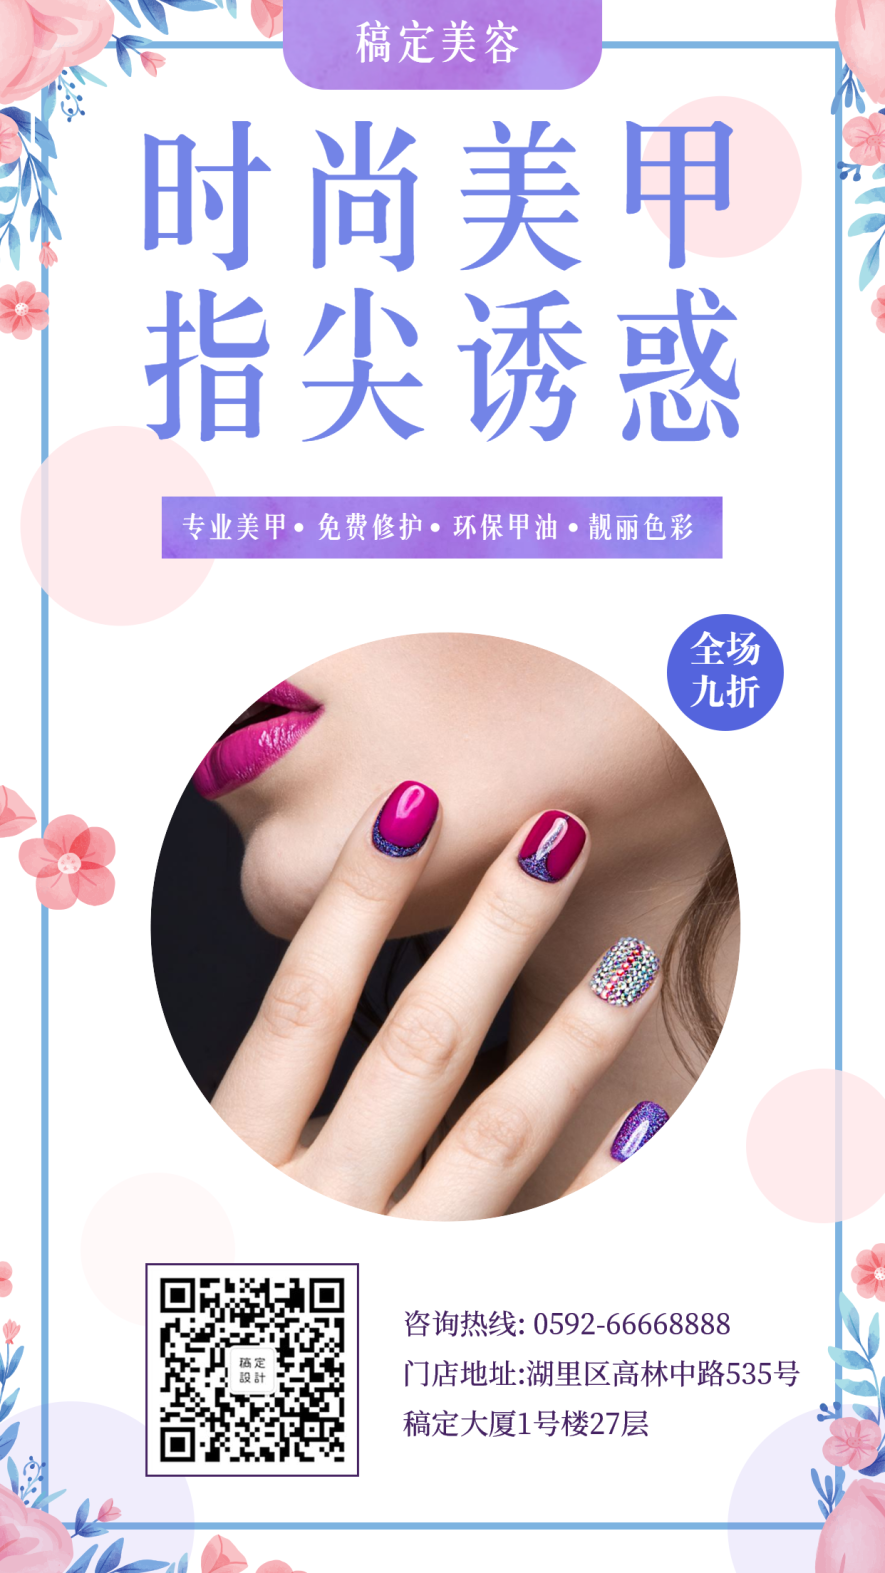 美甲/促销活动/手机海报